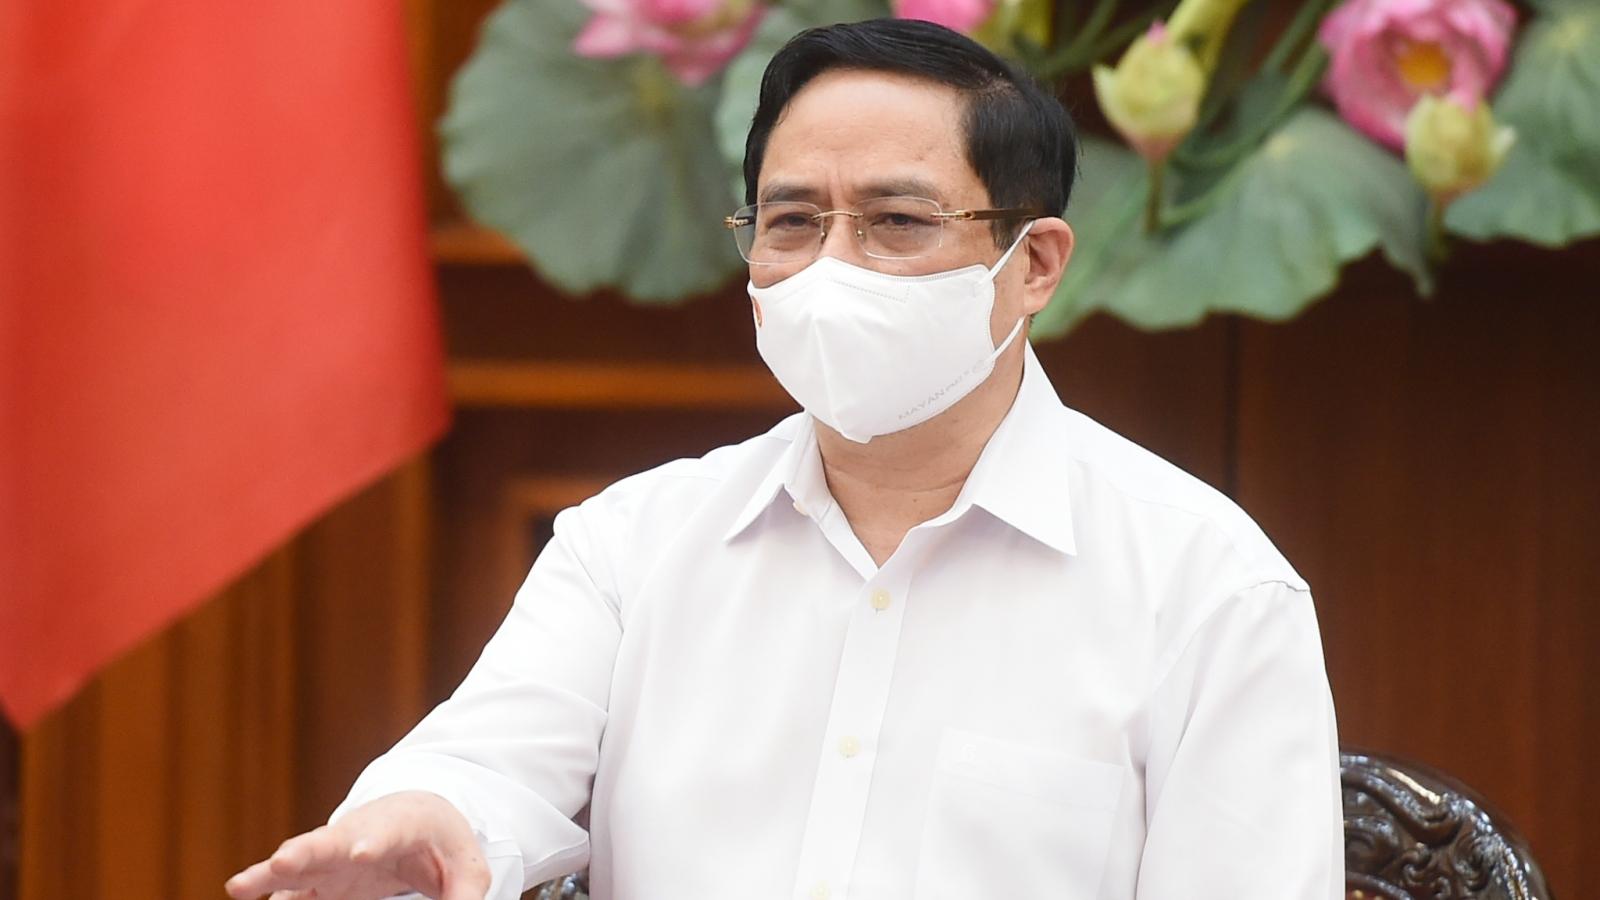 Thủ tướng kêu gọi toàndân tự giác thực hiện nghiêm quy định phòng, chống dịch